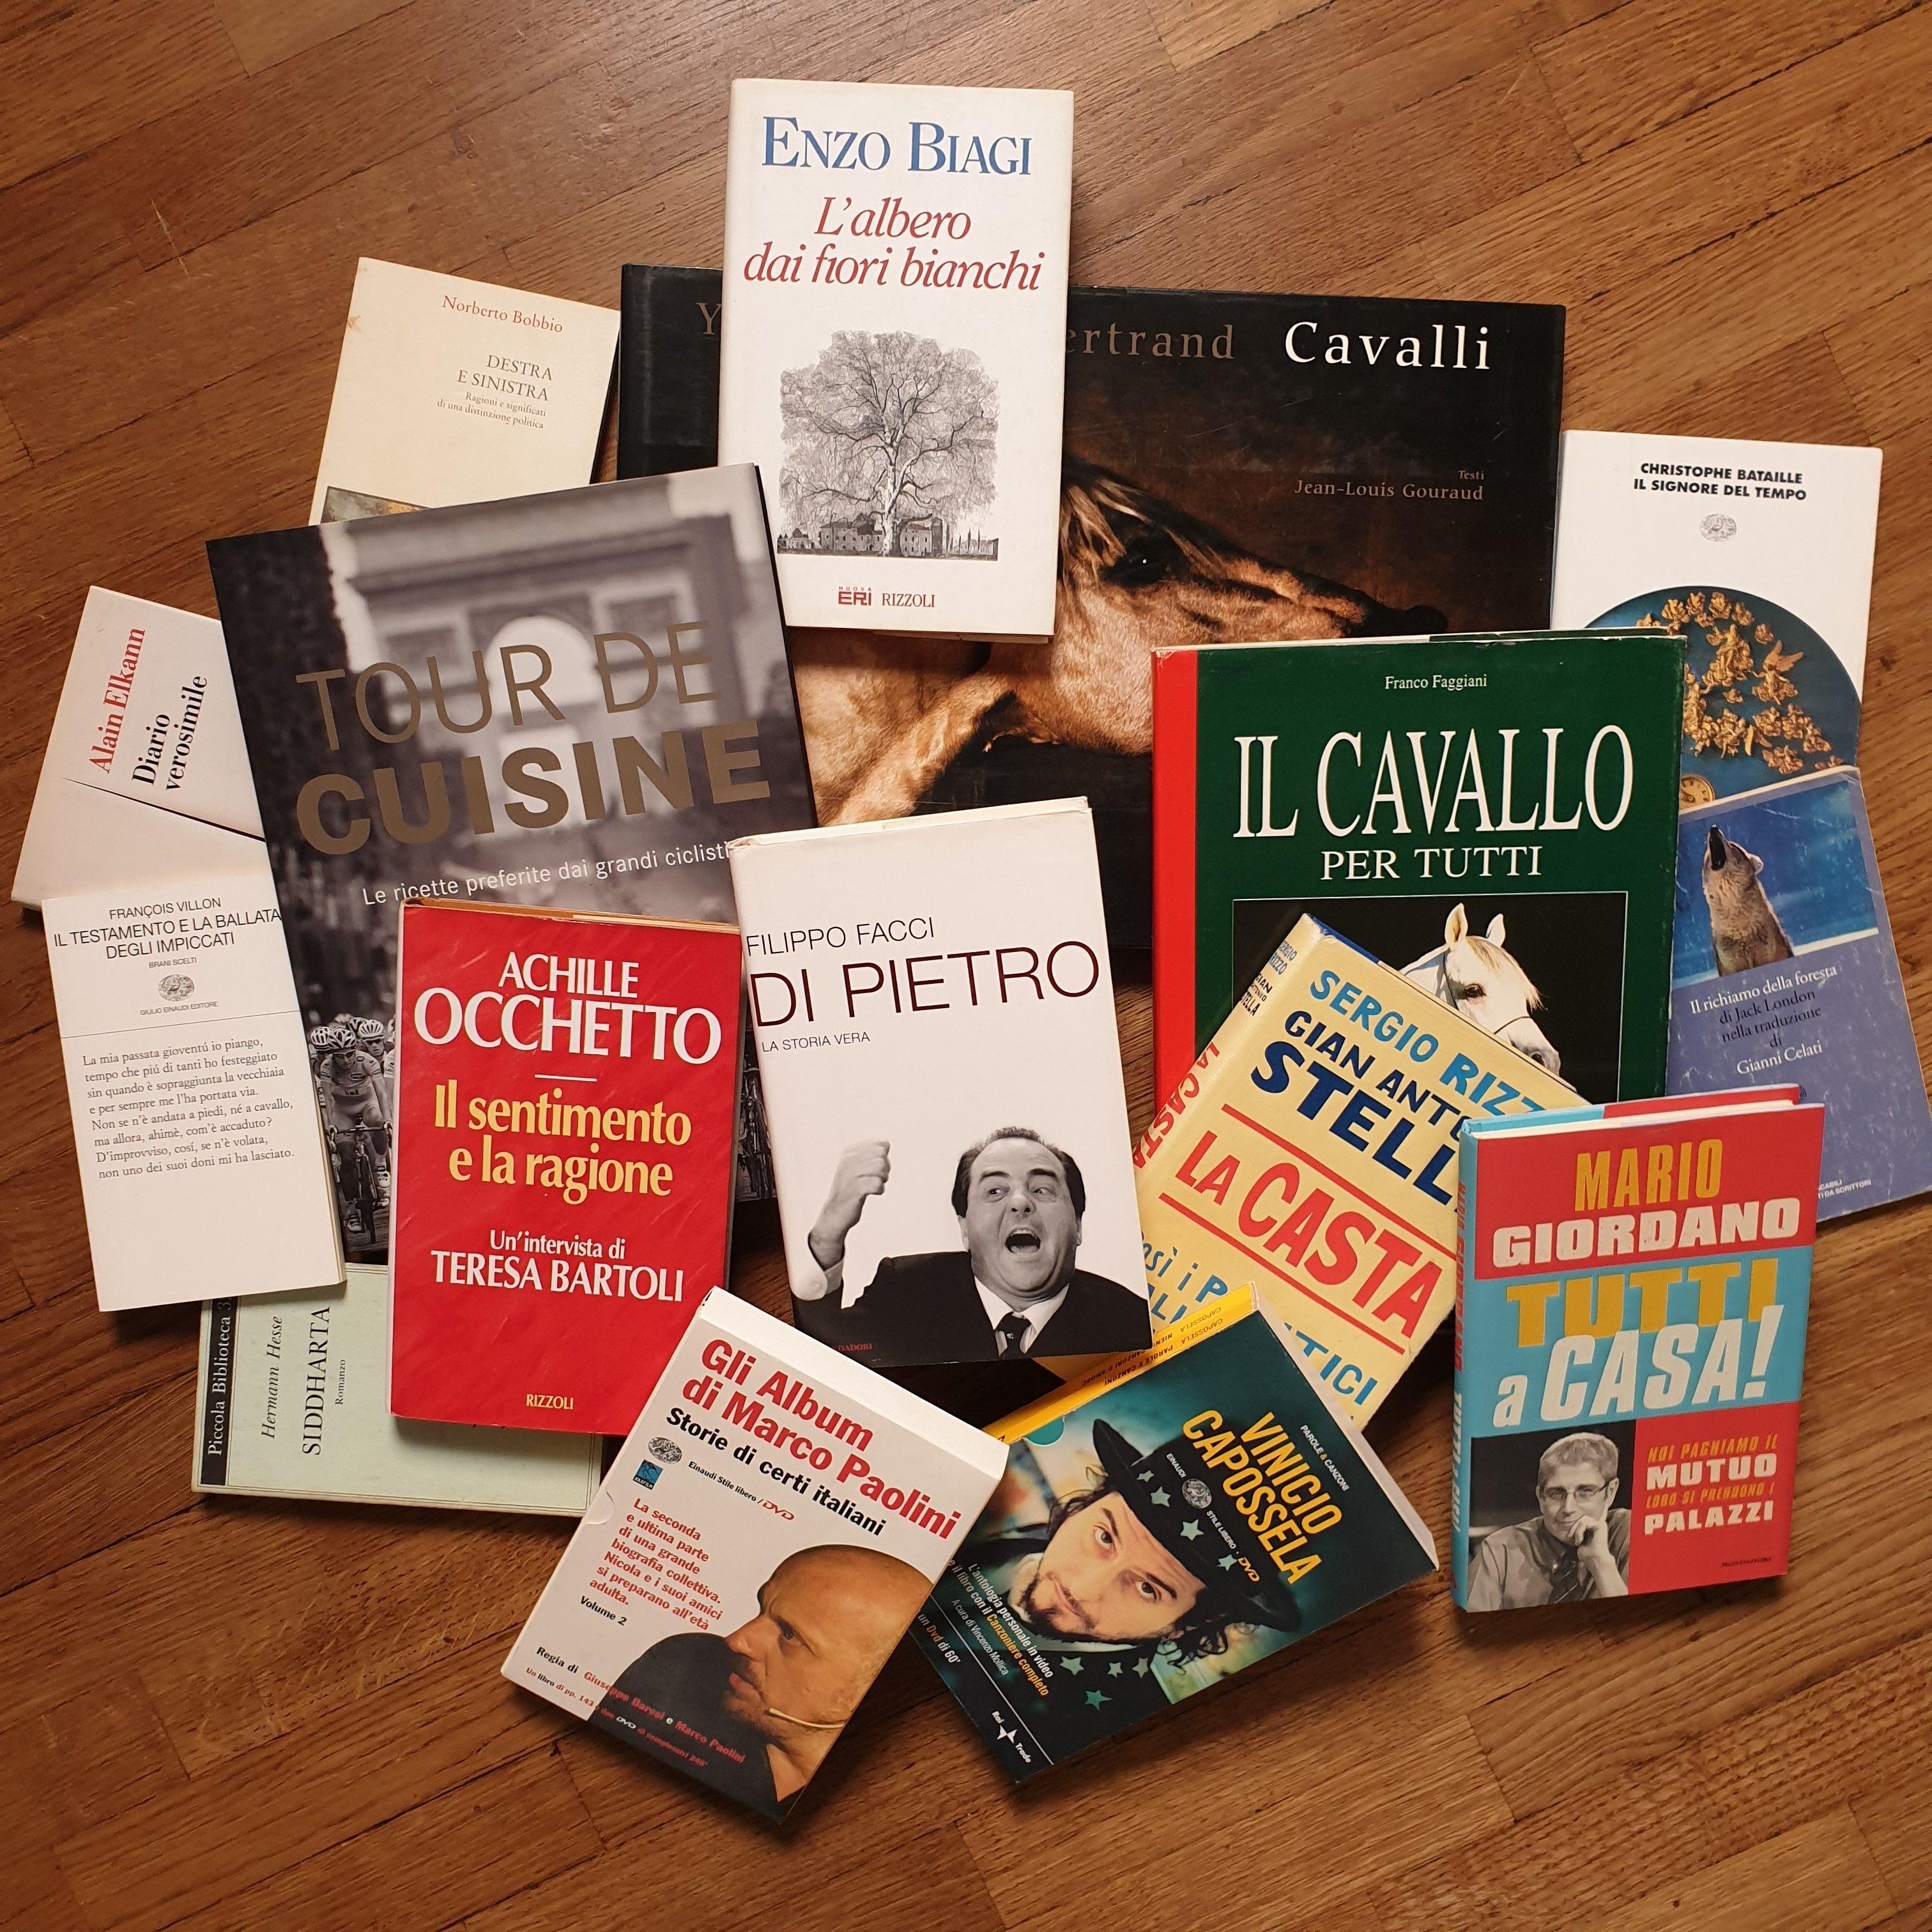 Politica Inchieste Romanzi Romanzi Libri Libri Consigliati